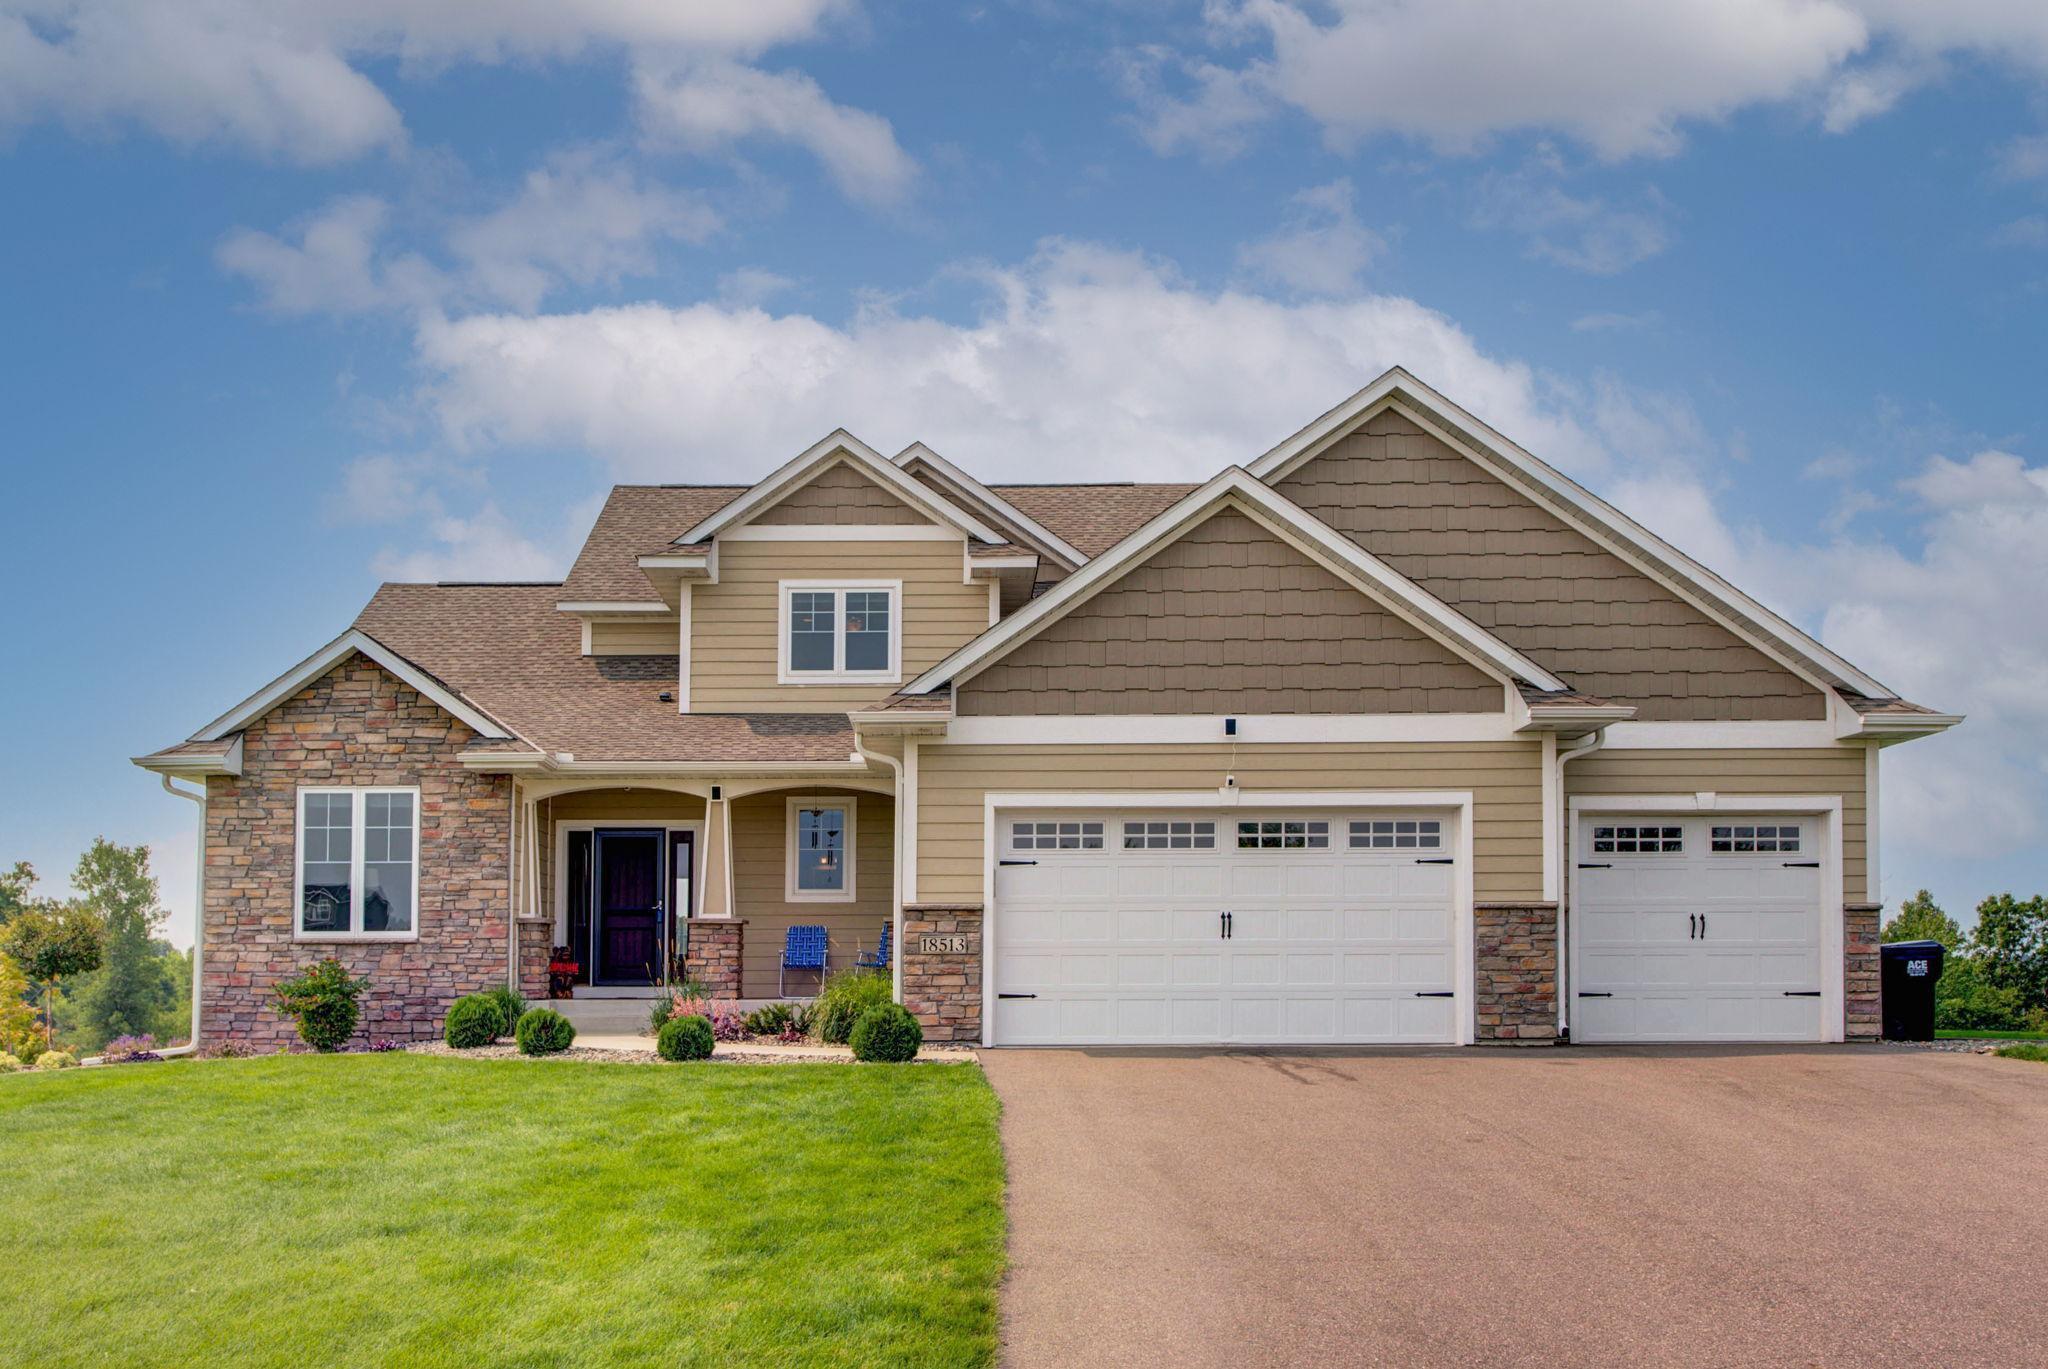 18513 239th Avenue NW, Big Lake, MN 55309